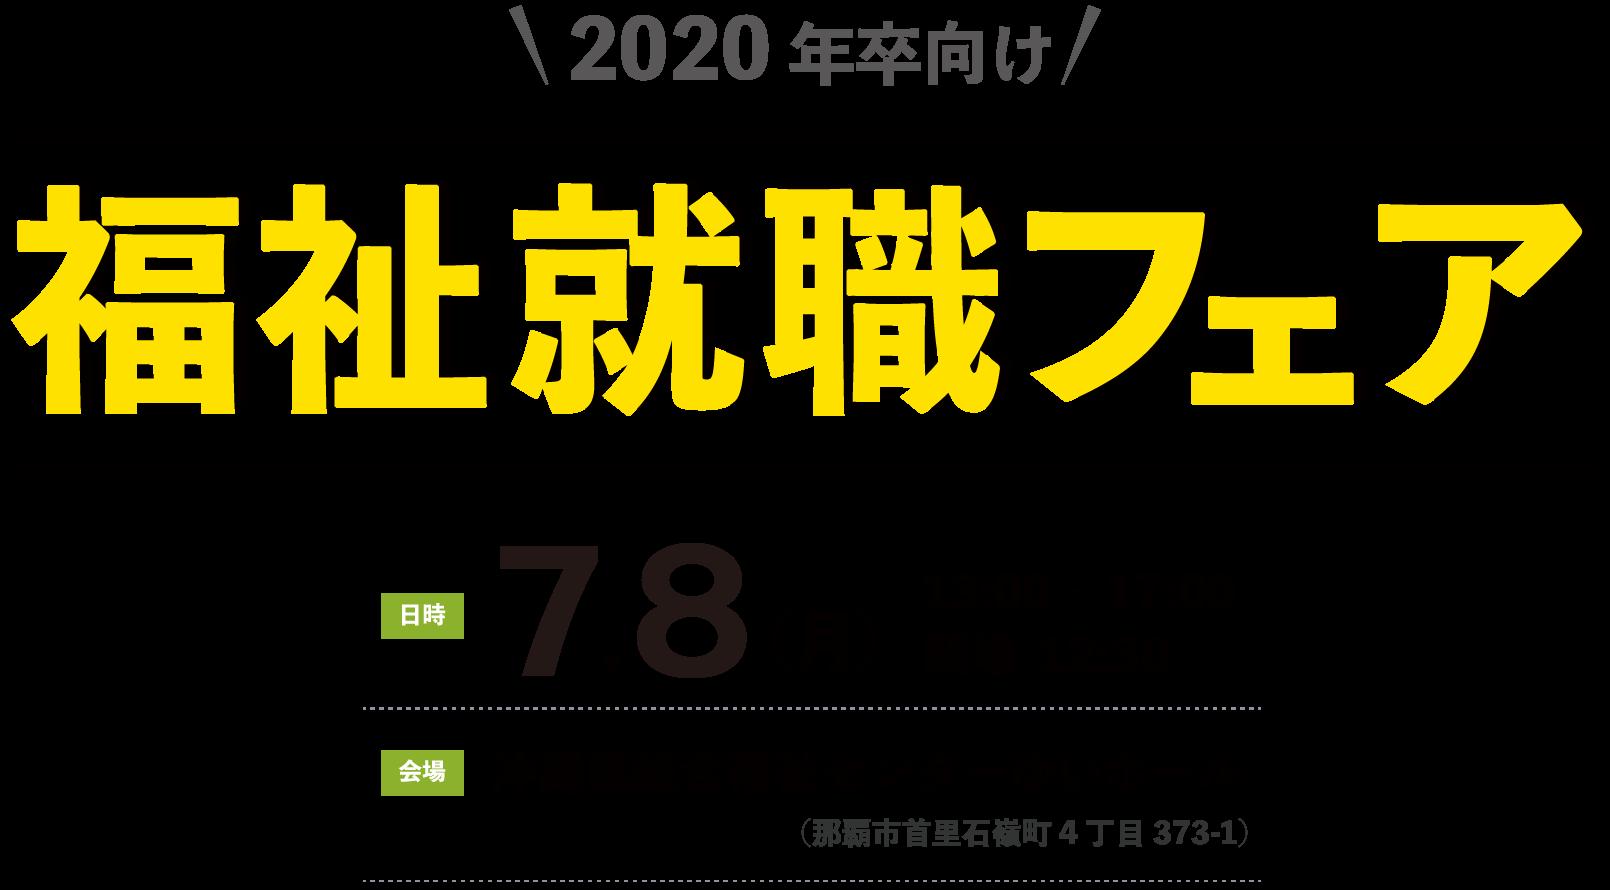 2020年卒向けfukushi works okinawa福祉就職フェア